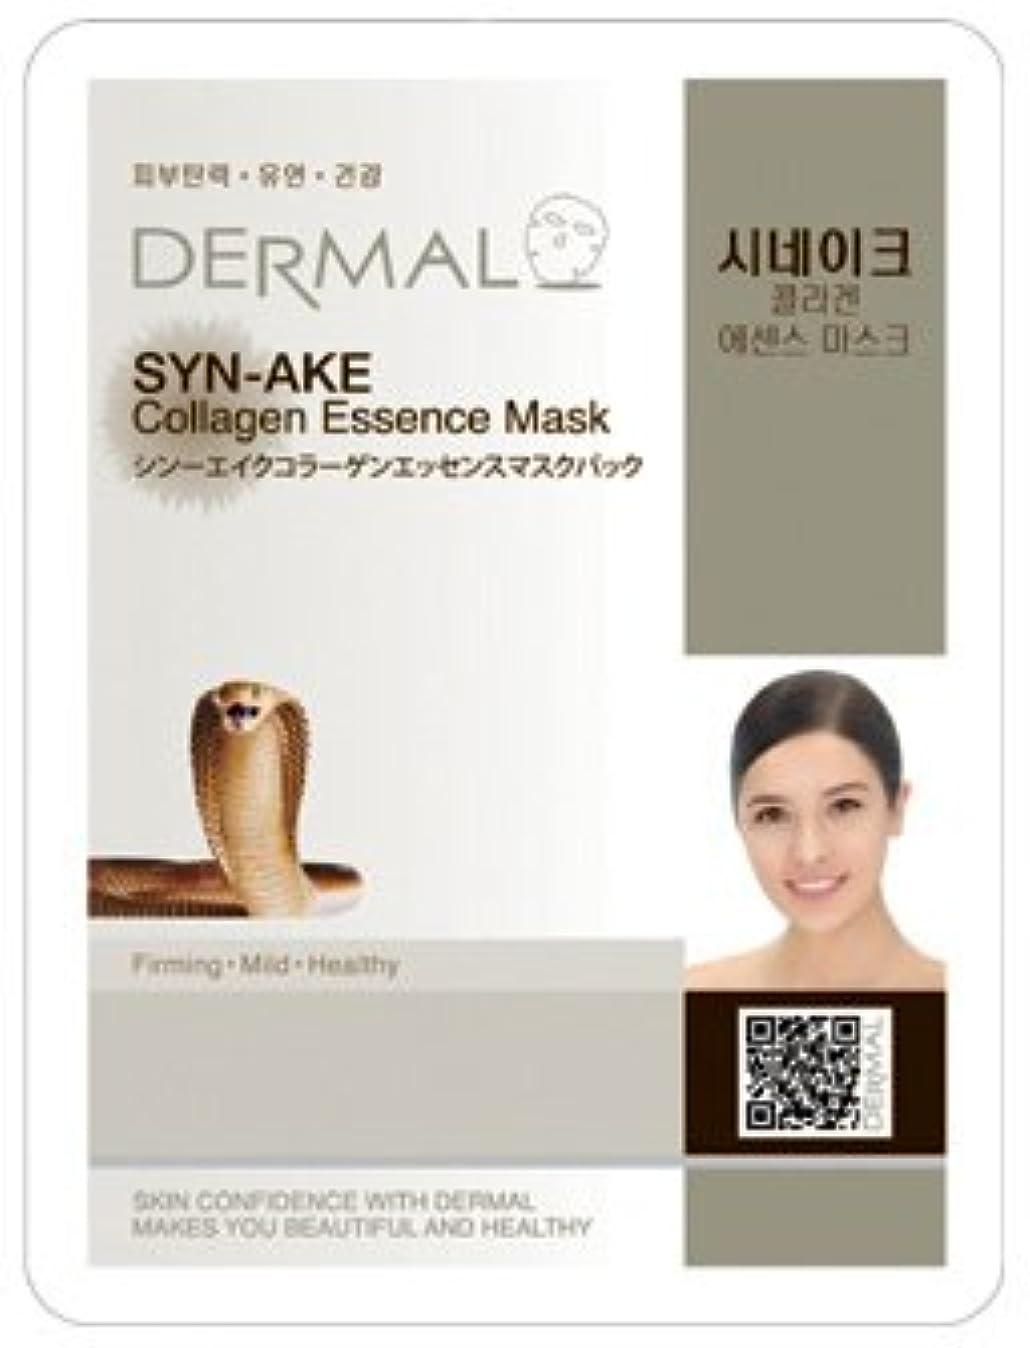 混乱人気根絶する蛇毒シートマスク(フェイスパック) シンエイク 10枚セット ダーマル(Dermal)